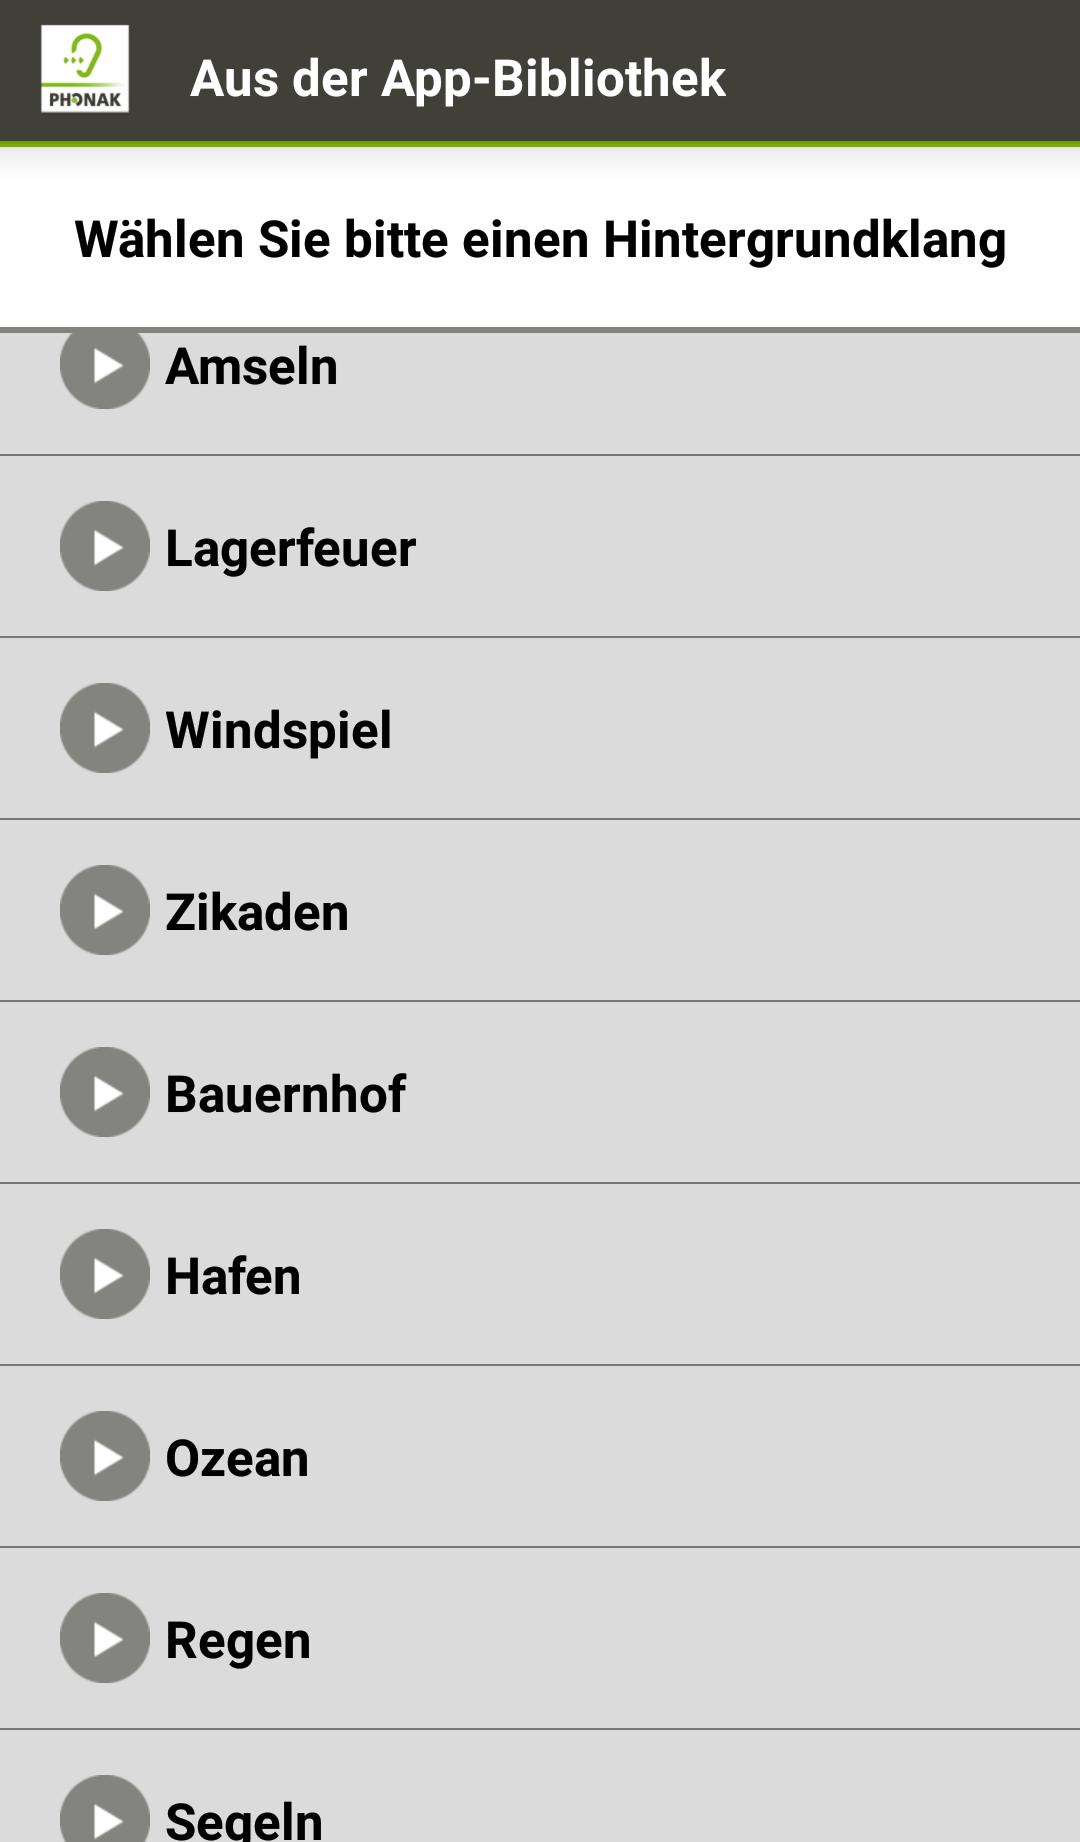 10 Klänge stellt die App zur Verfügung.